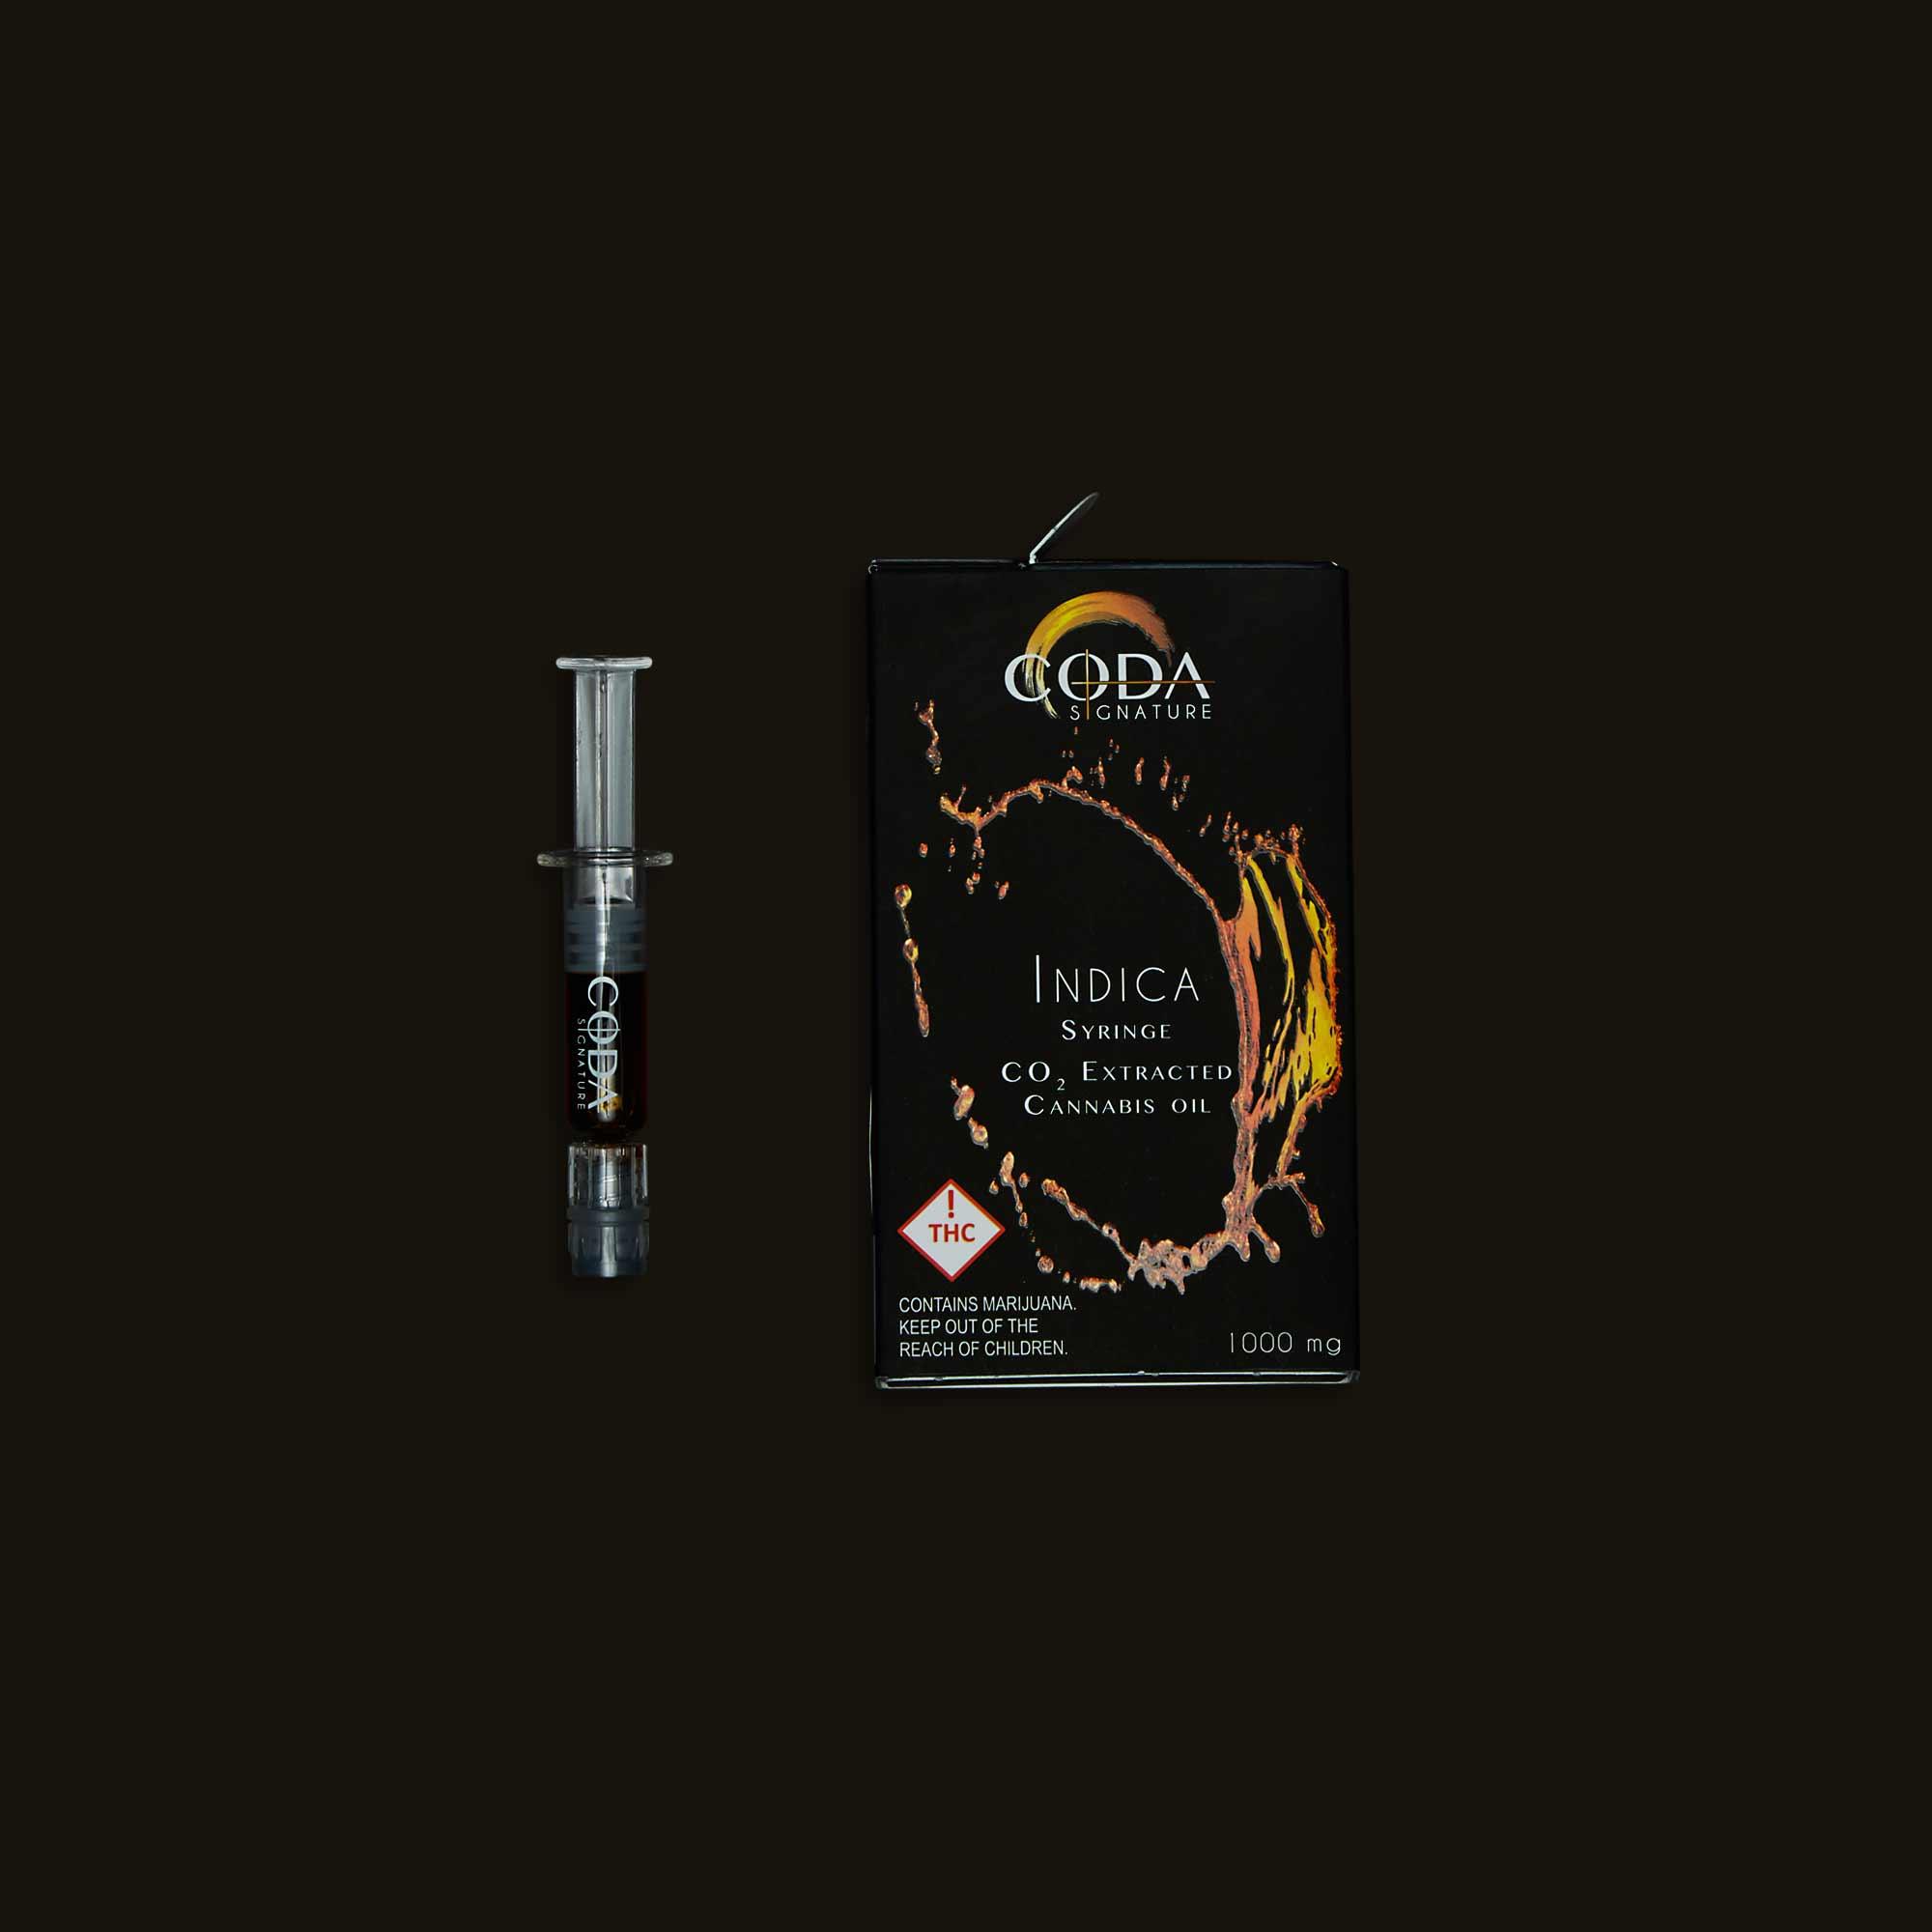 Coda Signature Indica Oil Syringe